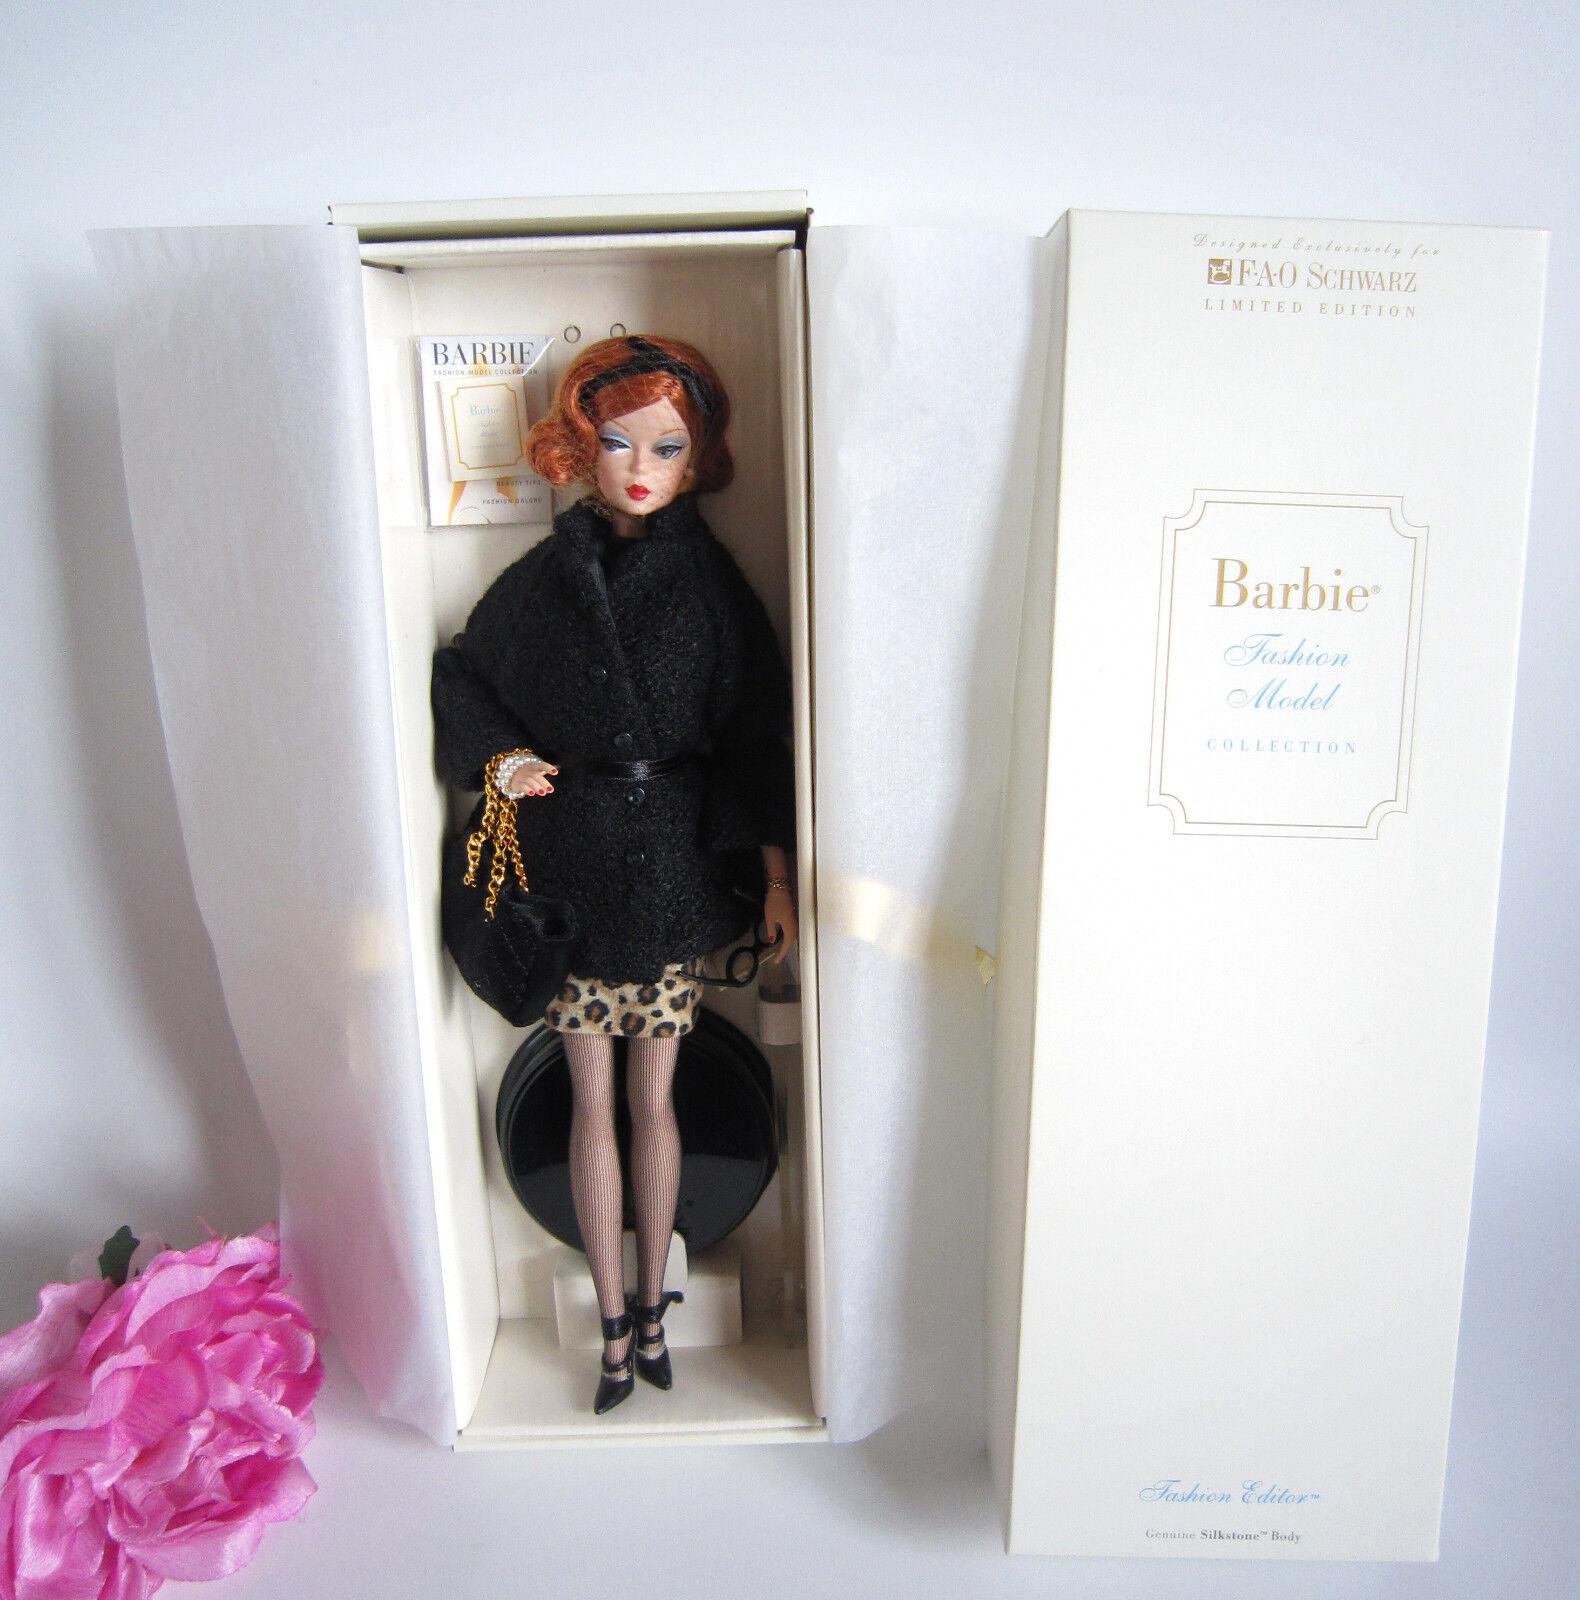 SILKSTONE Barbie  moda Editor  FAO nero, moda modellolololo  col. lim. ed. mai tolto dtuttia scatola.  negozio online